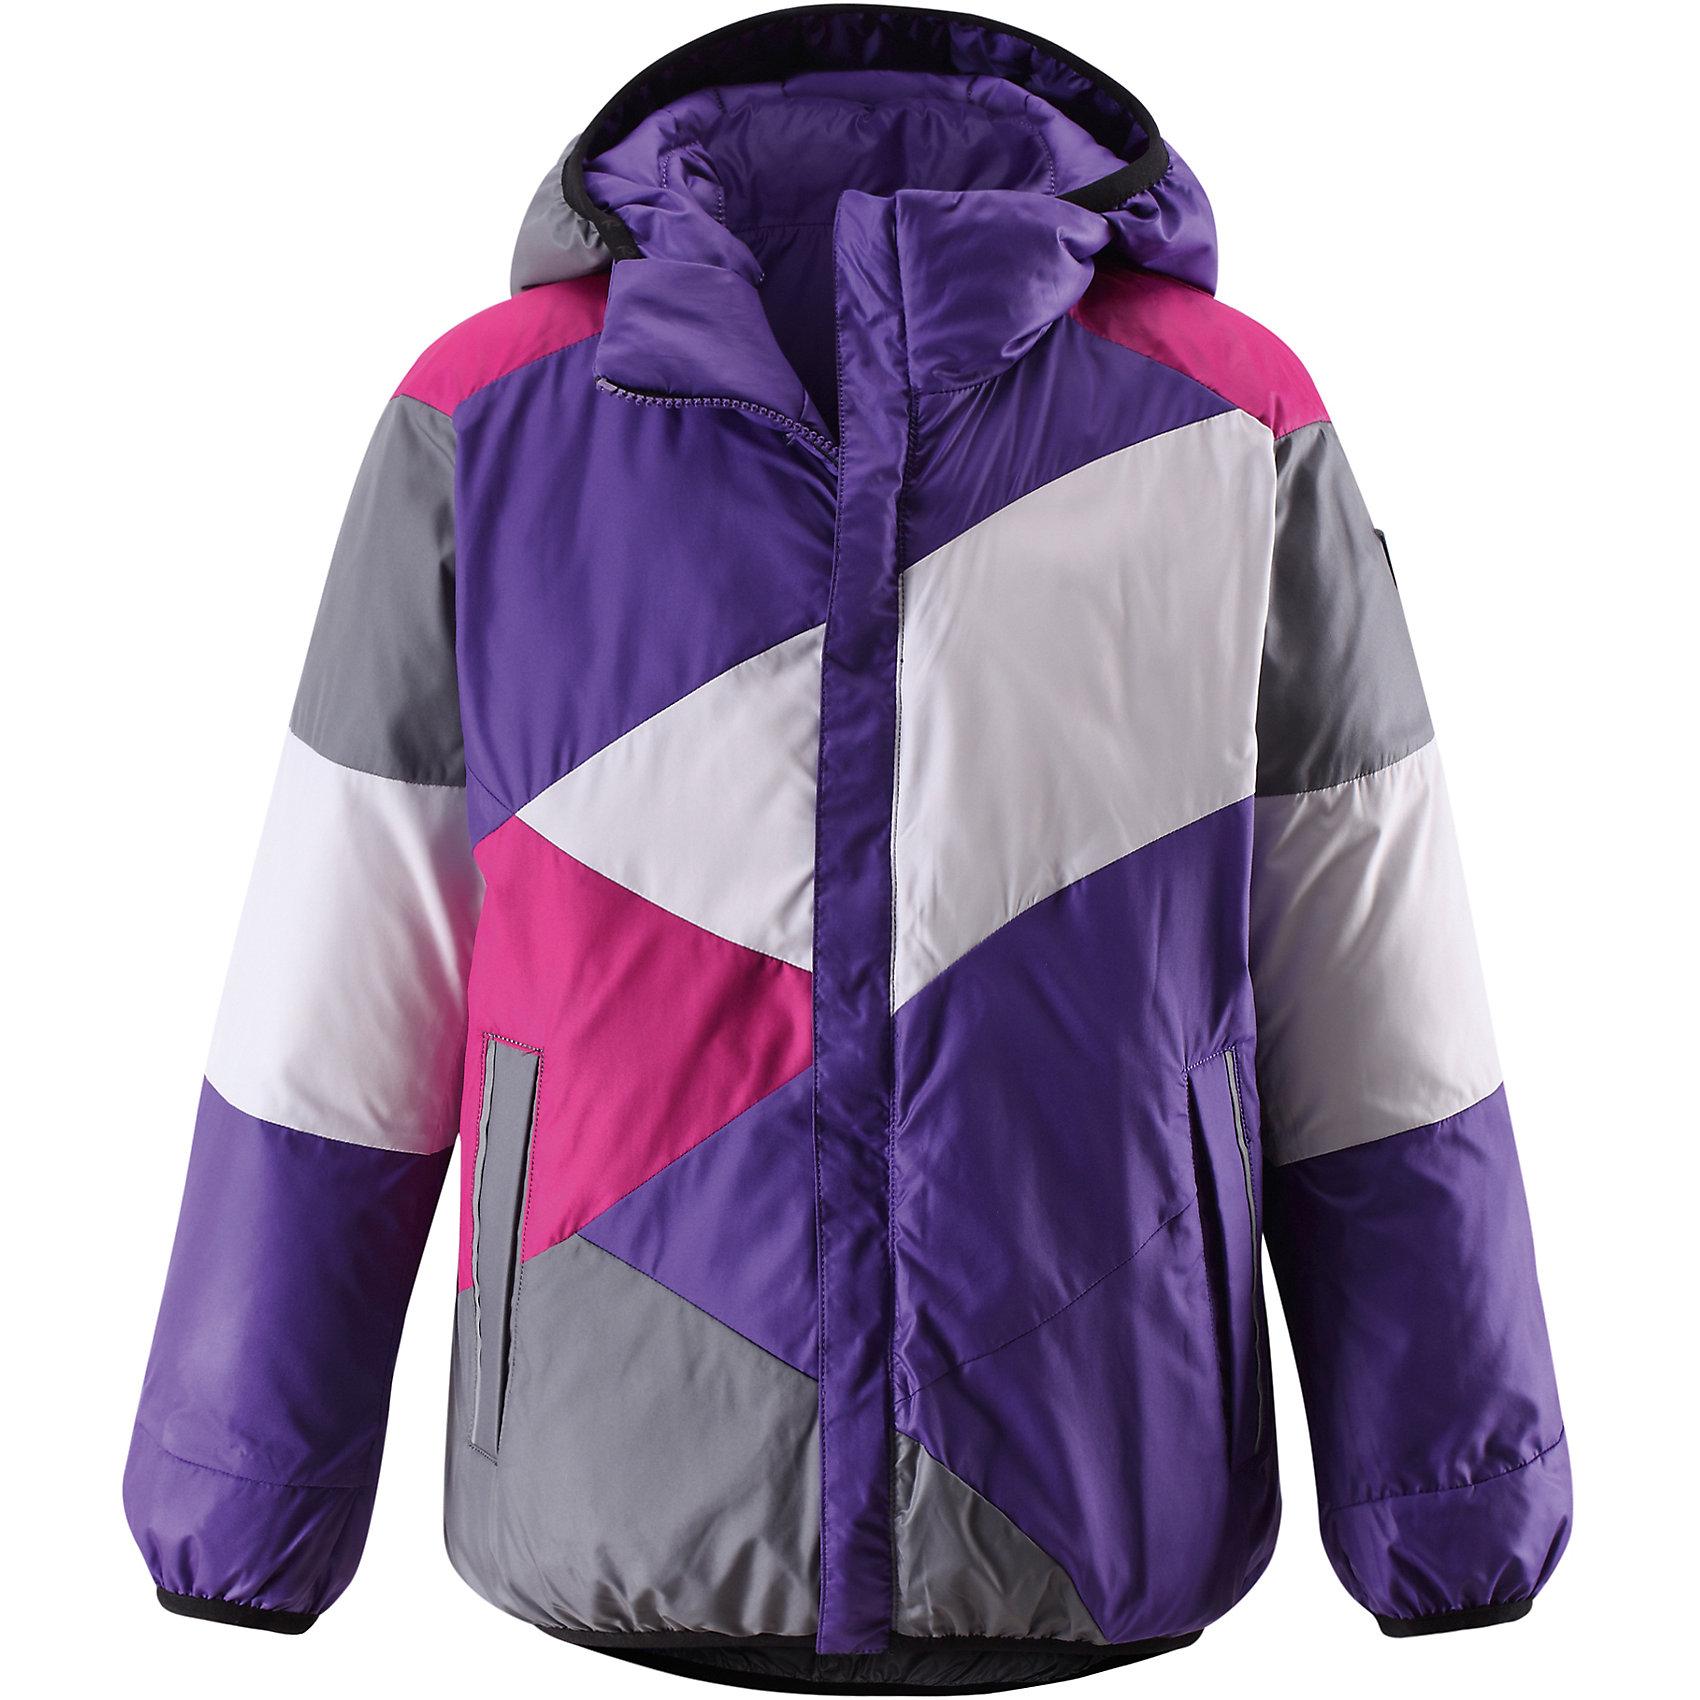 Куртка для девочки ReimaОдежда<br>Двусторонняя куртка для девочки от финской марки Reima.<br><br>Сегодня однотонная, а завтра яркая и разноцветная! Этот весёлый двусторонний пуховик для детей согреет любителей прогулок в морозные зимние деньки! Пошит из ветронепроницаемого и пропускающего воздух материала, который отталкивает грязь и влагу.<br><br>В этом пуховике вашему ребёнку будет сухо и тепло на прогулке. Традиционный пуховик прямого покроя со съёмным капюшоном, который защитит от зимнего ветра. На этой великолепной зимней куртке имеется множество светоотражающих деталей, например, светоотражающие канты на карманах. Съёмный капюшон обеспечивает дополнительную надёжность - если закреплённый кнопками капюшон зацепится за что-нибудь, он легко отстегнётся. Выберите свой любимый цвет среди модных в этом сезоне расцветок!<br>- Двусторонний пуховик для подростков<br>- Одна сторона однотонная, другая - разноцветная<br>- Карманы на молниях<br>- Эластичный кант на манжетах рукавов, по краю капюшона и подола<br>- Безопасный съёмный капюшон<br><br>Состав:<br>100% ПЭ<br><br>Ширина мм: 356<br>Глубина мм: 10<br>Высота мм: 245<br>Вес г: 519<br>Цвет: лиловый<br>Возраст от месяцев: 72<br>Возраст до месяцев: 84<br>Пол: Женский<br>Возраст: Детский<br>Размер: 122,140,164,158,152,146,134,128,116,104,110<br>SKU: 4632051